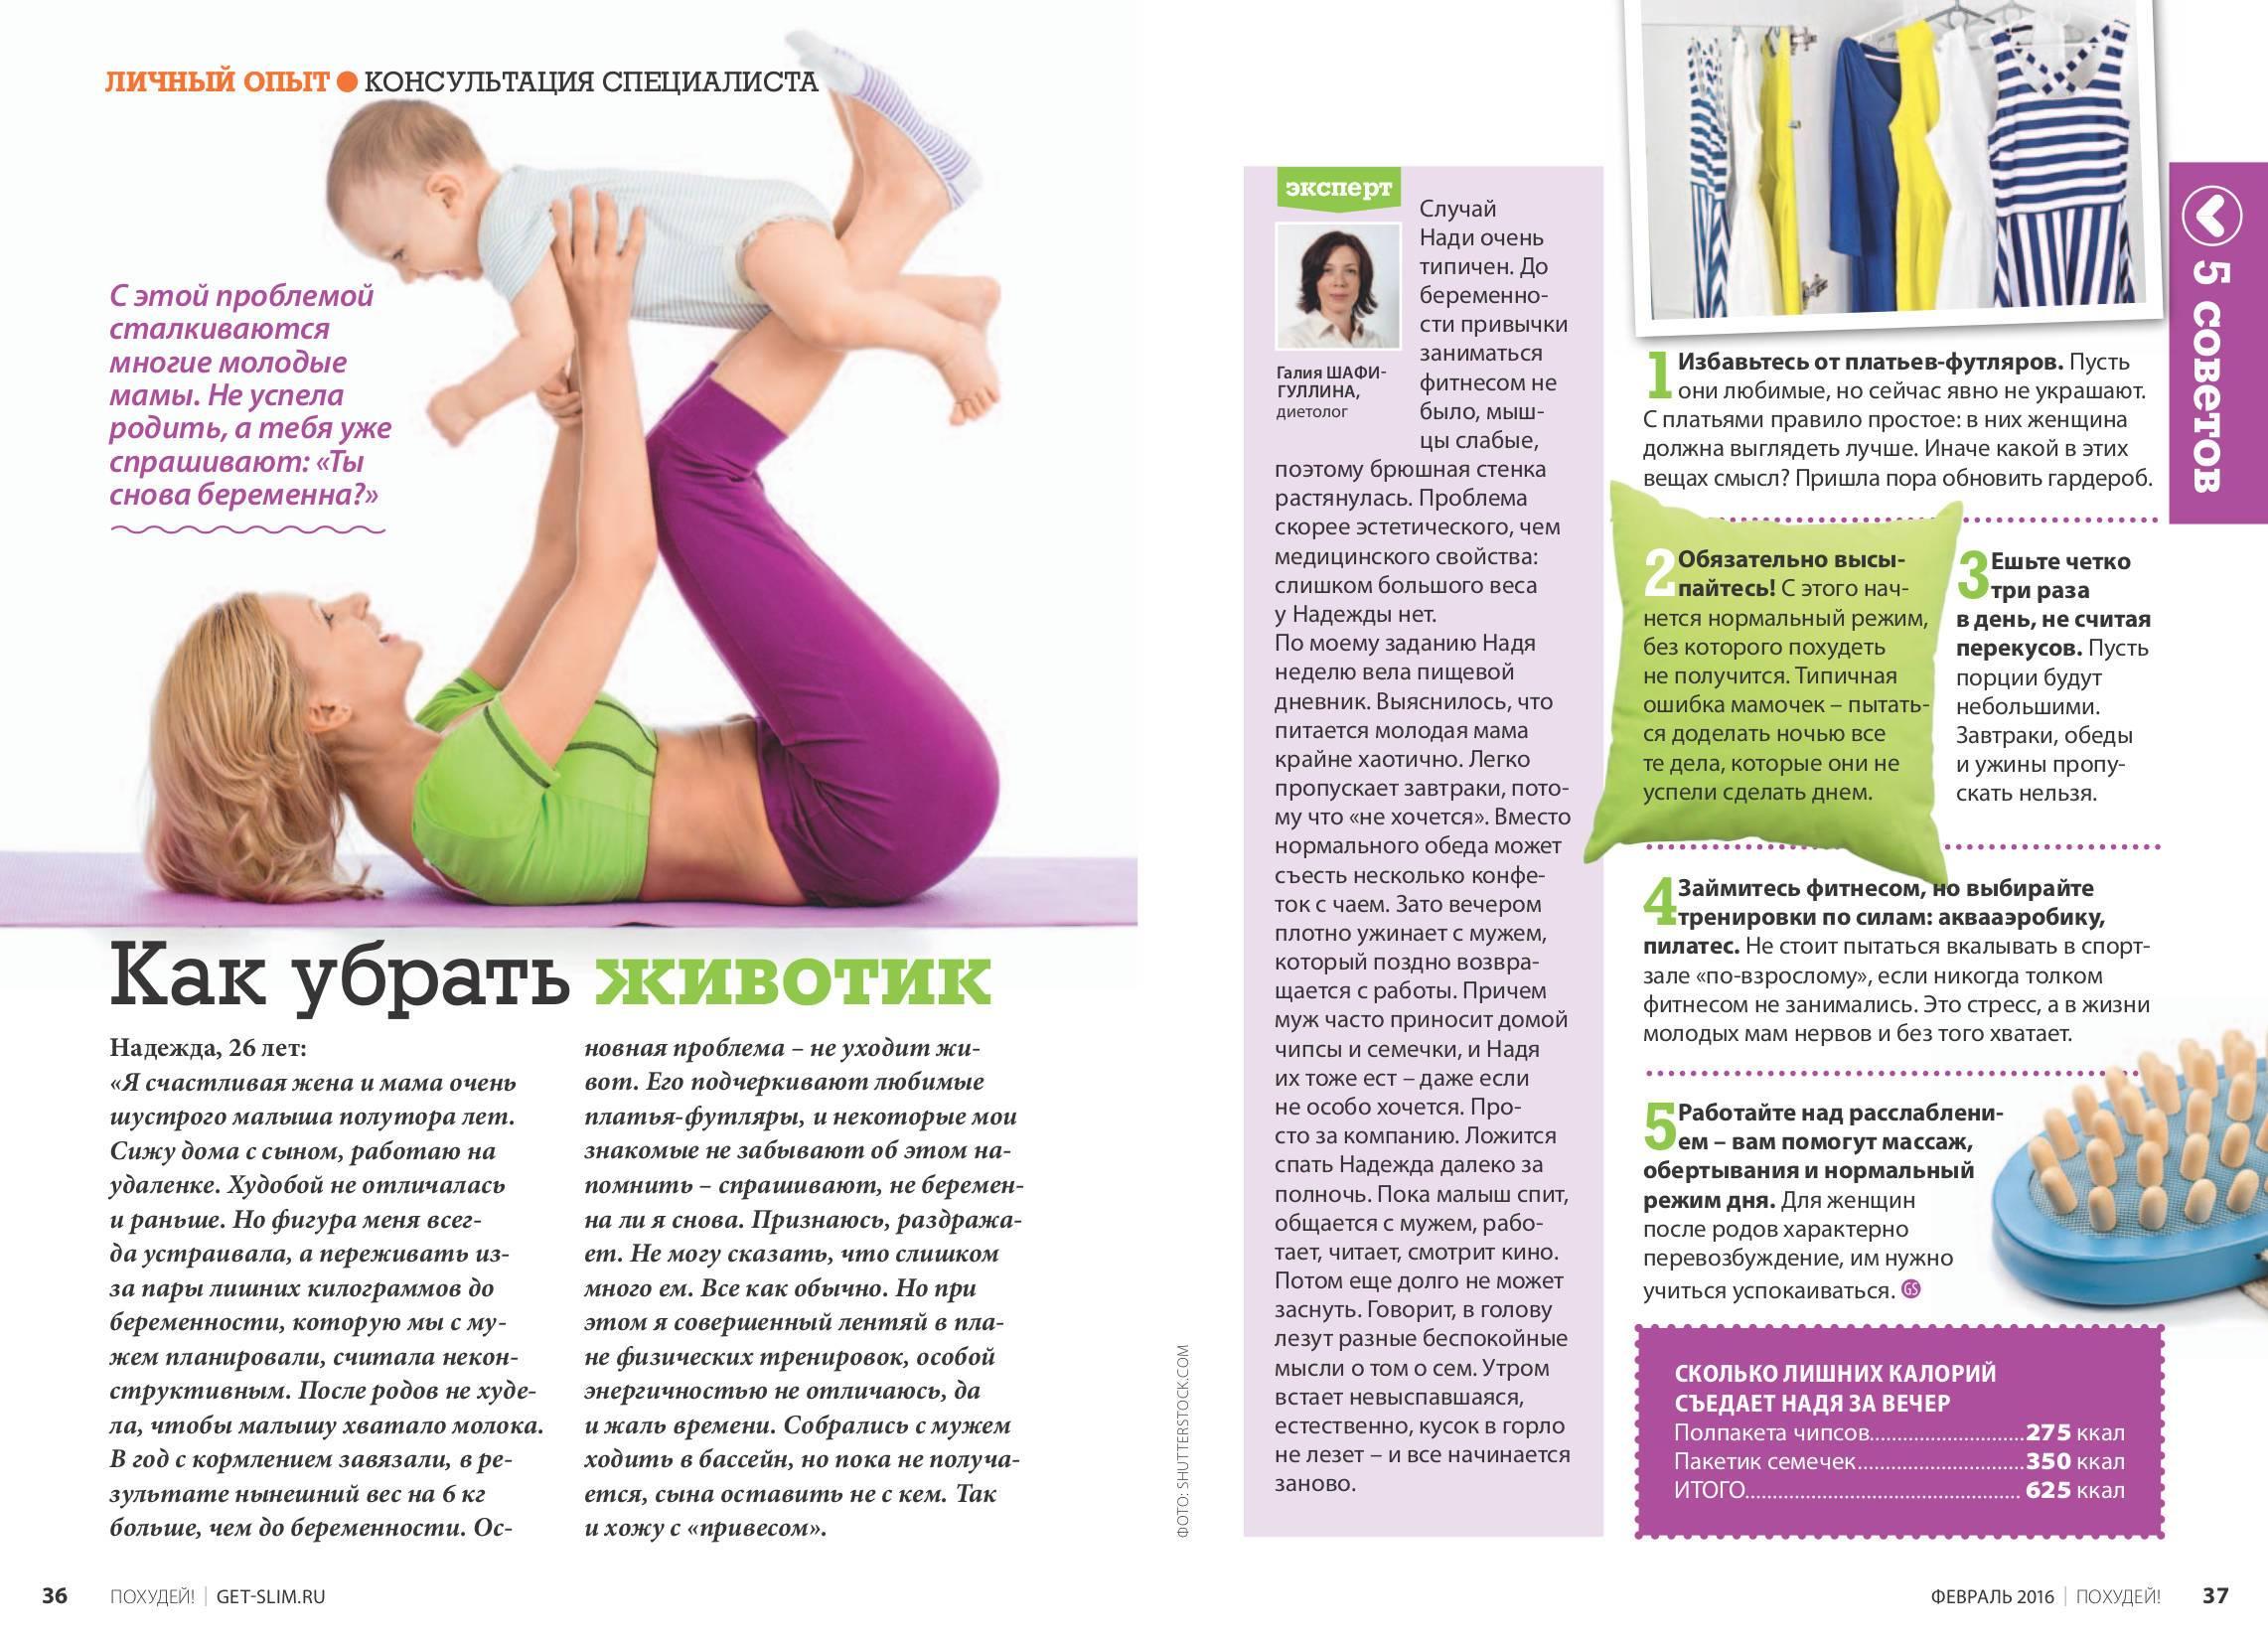 Похудение после родов — как похудеть быстро и просто в домашних условиях. 110 фото и простые правила для восстановления